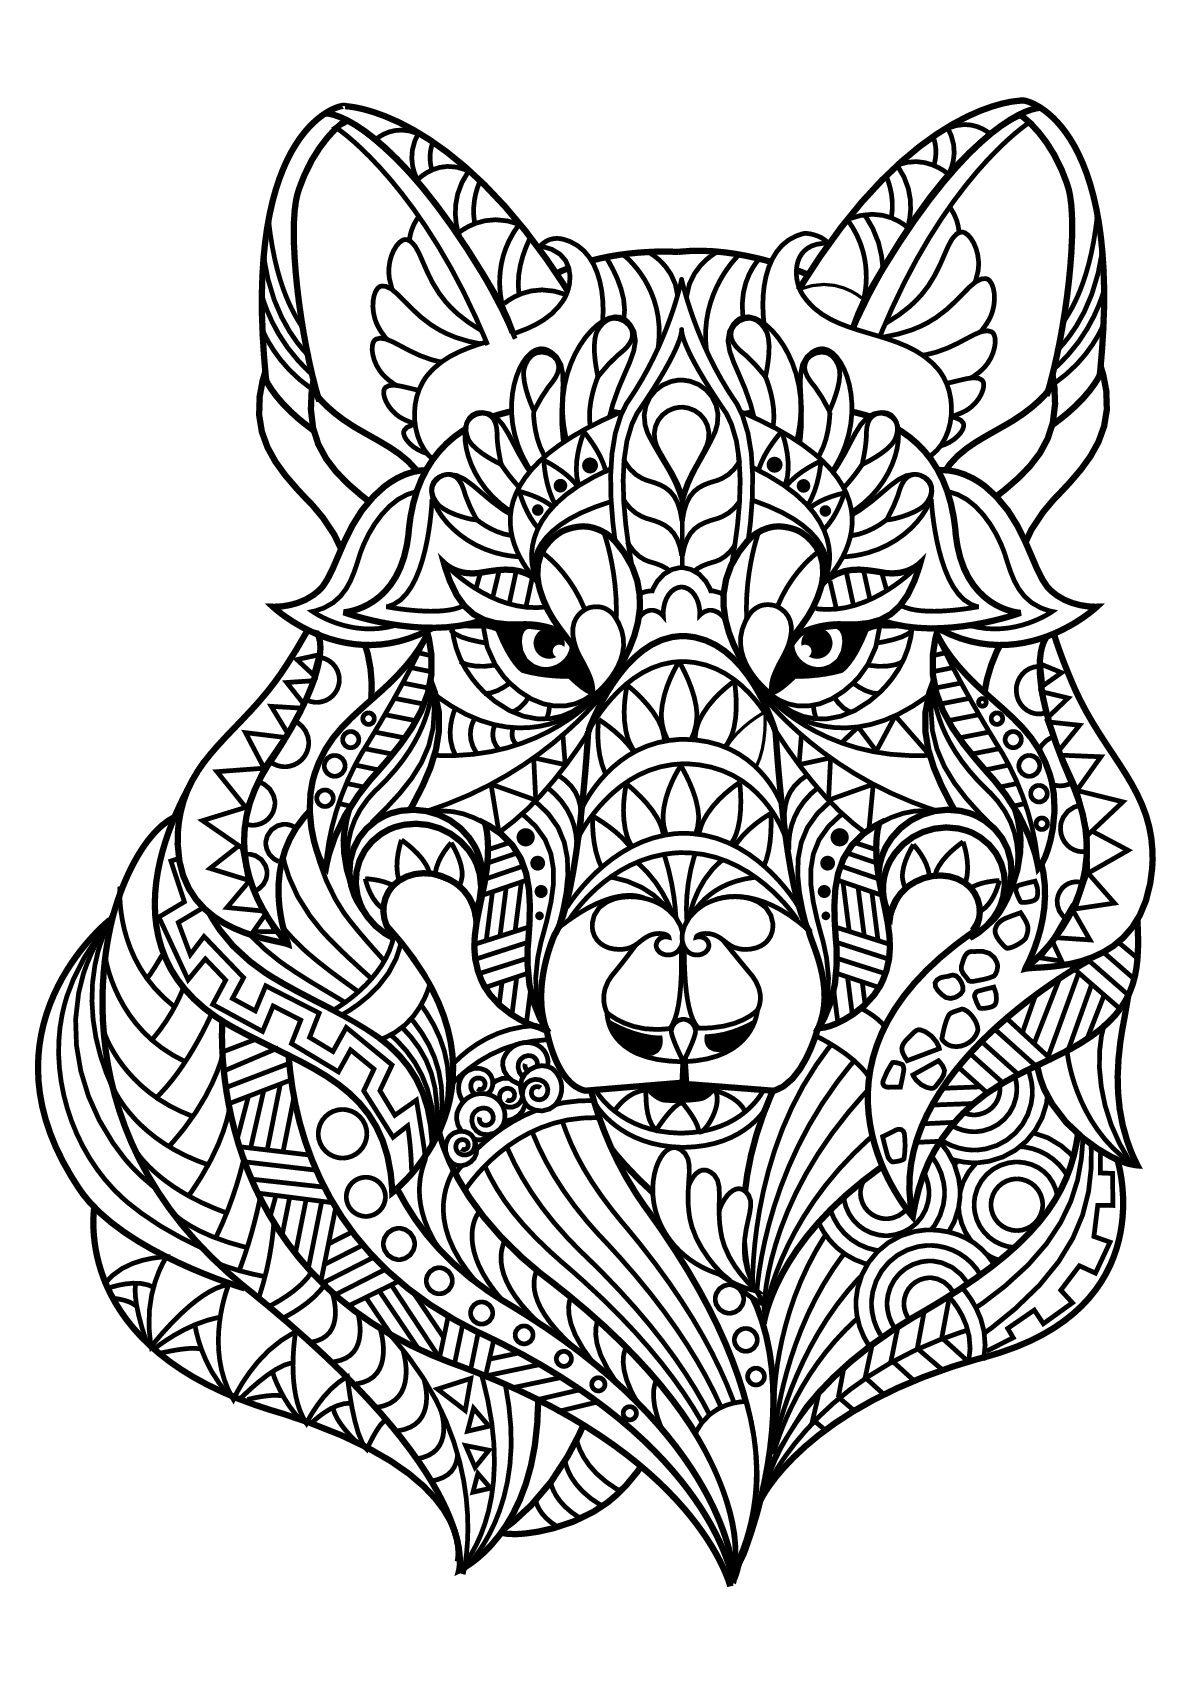 Ausmalbilder Pferde Und Katzen : Pin Von Ana Felicia Sandoval Auf Mandalas Pinterest